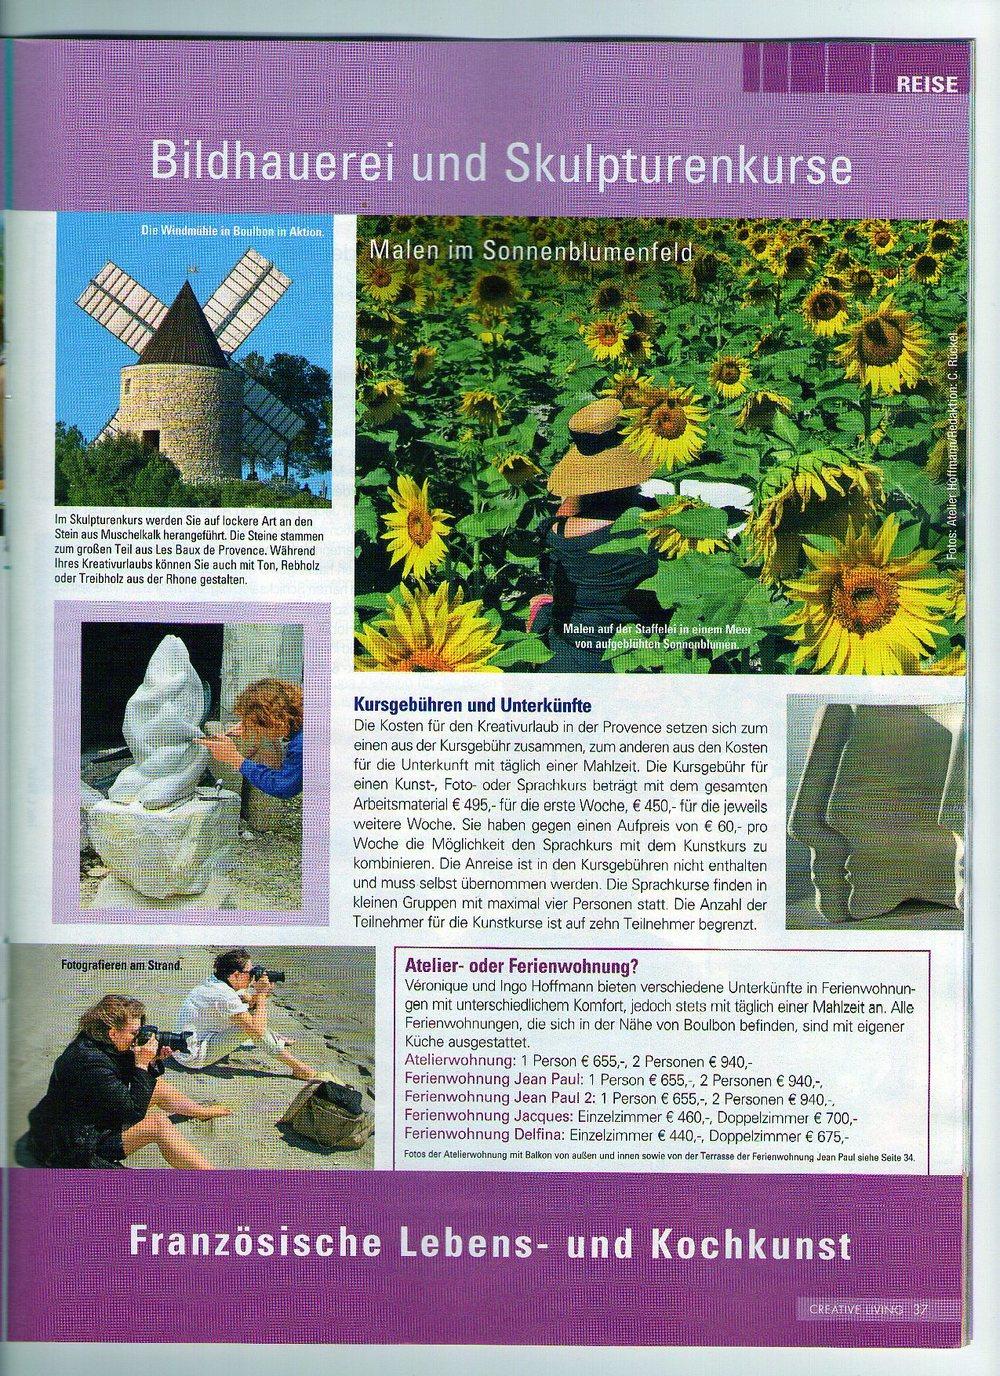 Bildhauerei und Skulpturenkurse, Provence, Kreativurlaub, Frankreich,